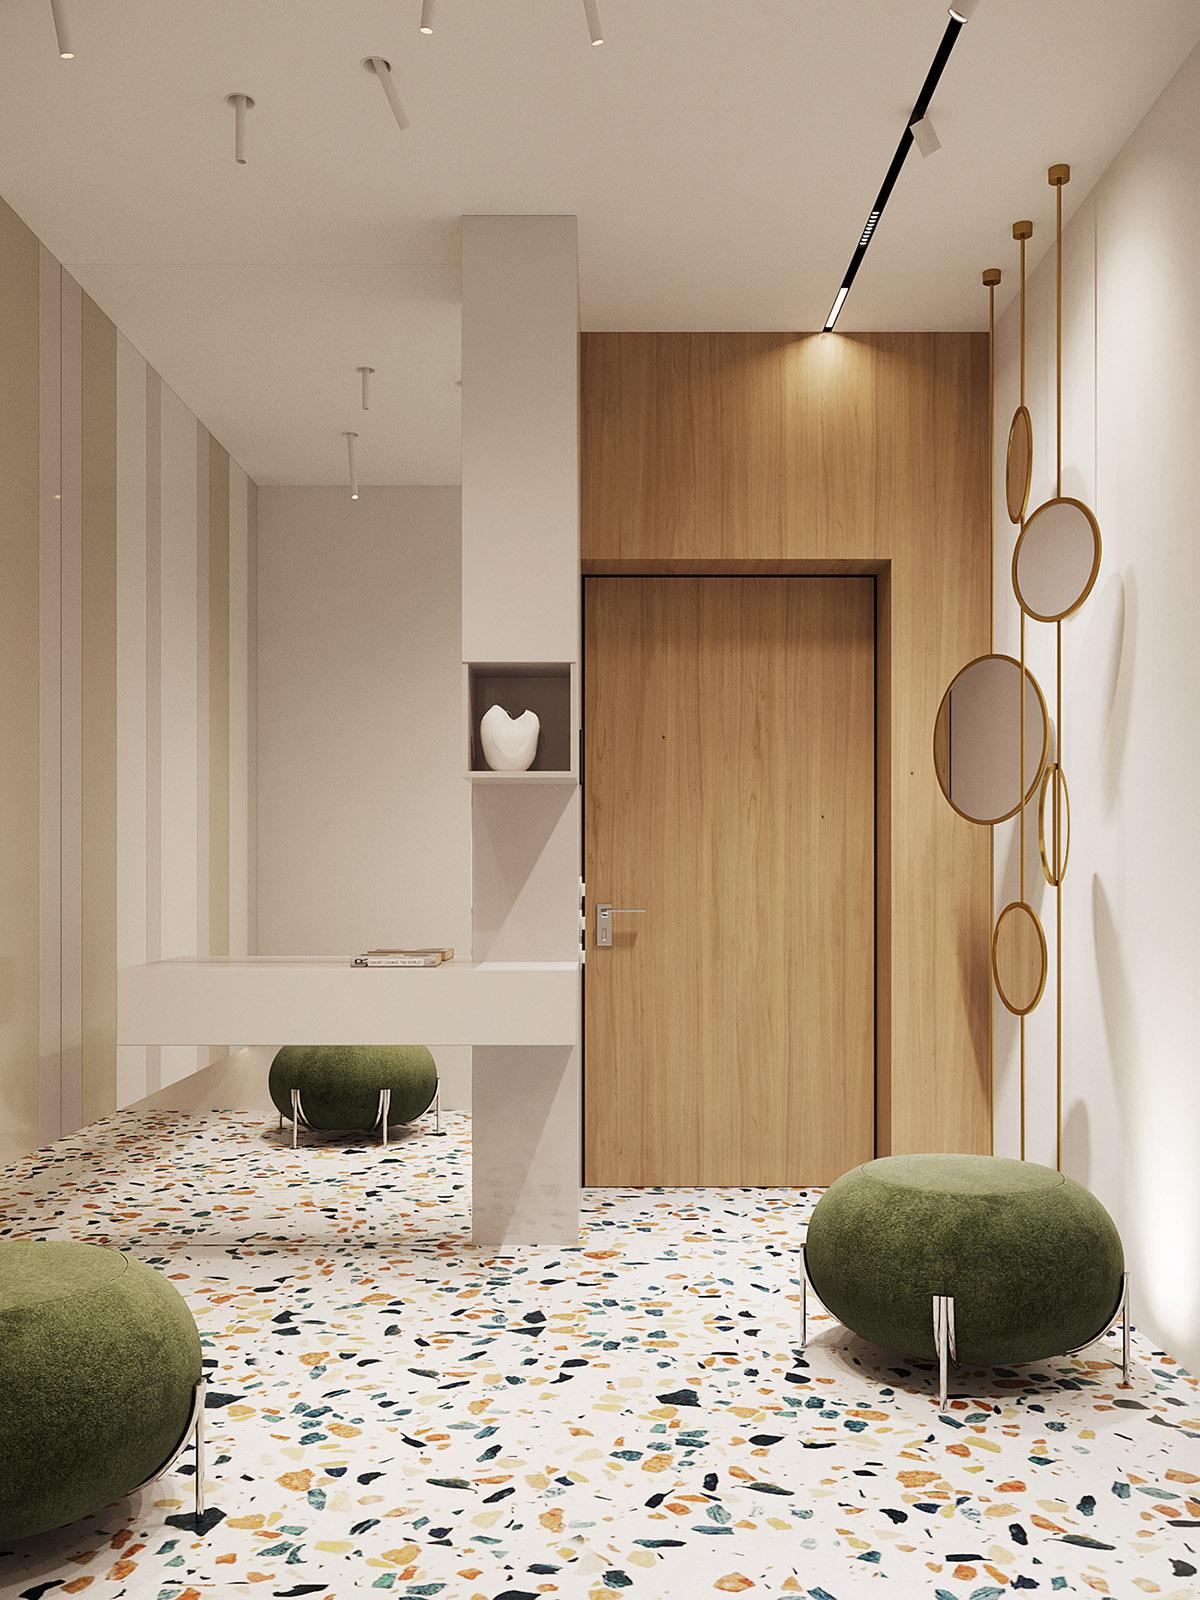 Hình ảnh lối vào căn hộ cực ấn tượng với gương thả hình tròn, ghế ngồi màu xanh rêu